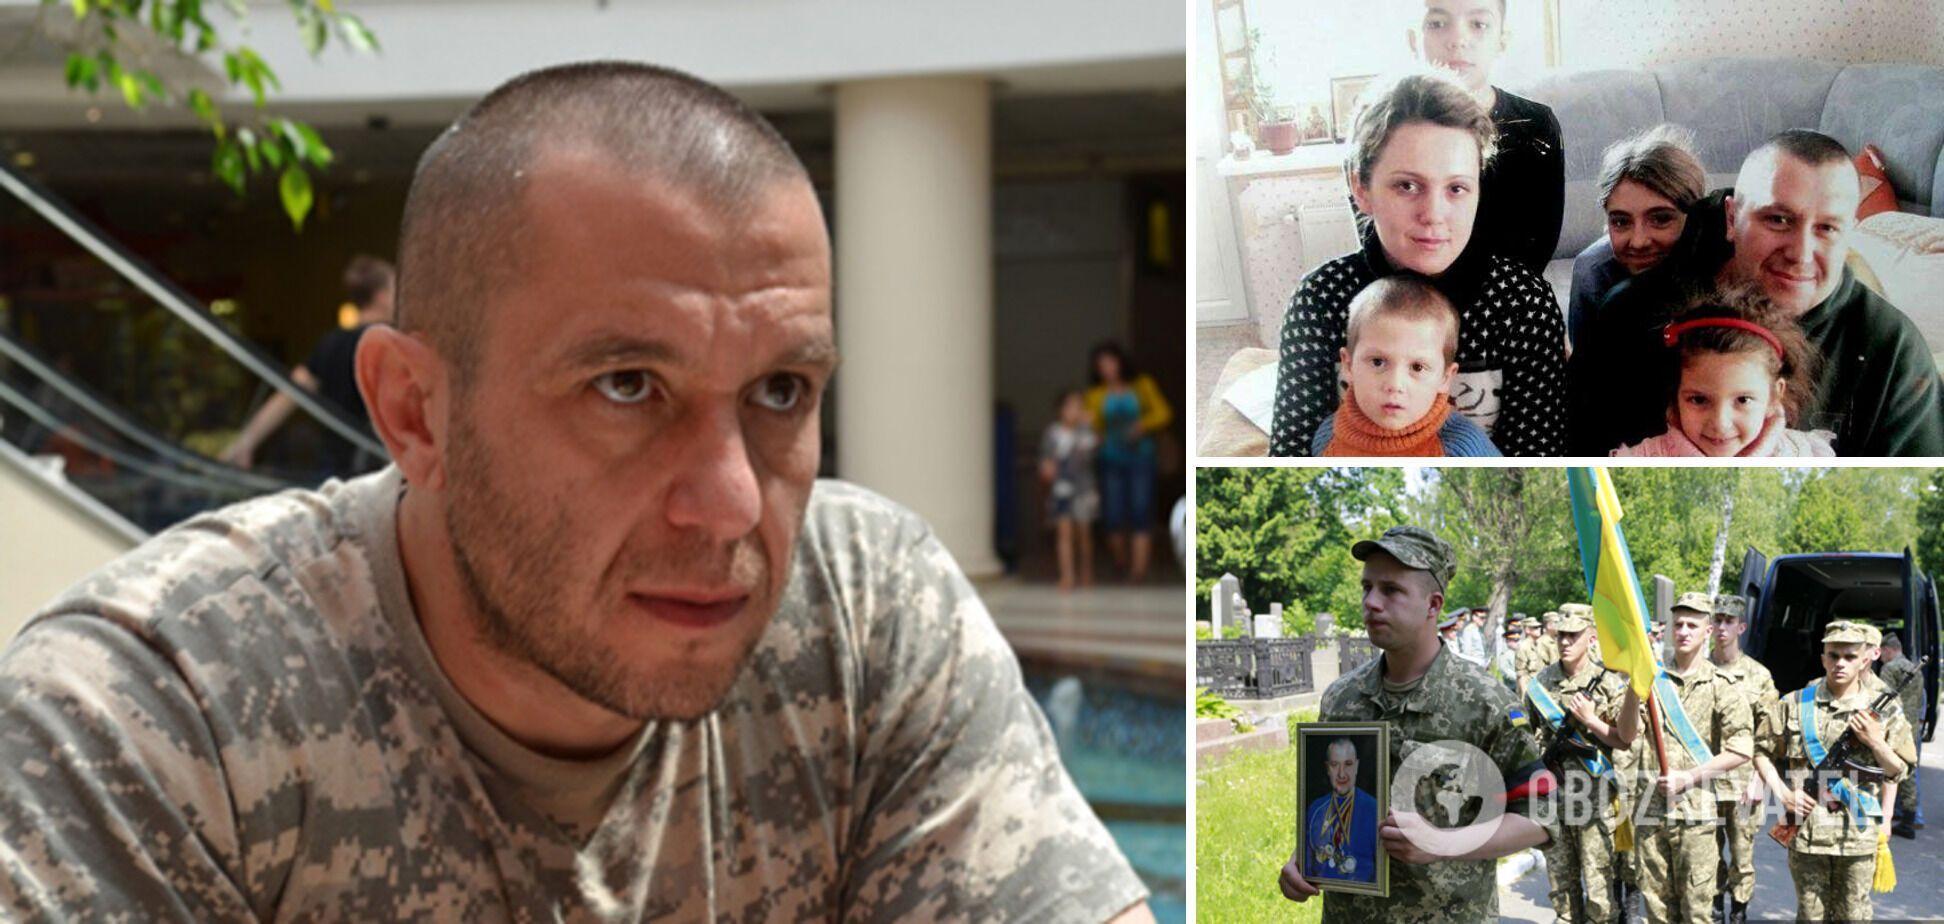 'Я мачеха. Но изо всех сил старалась стать мамой': как живет семья погибшего Героя Темура Юлдашева